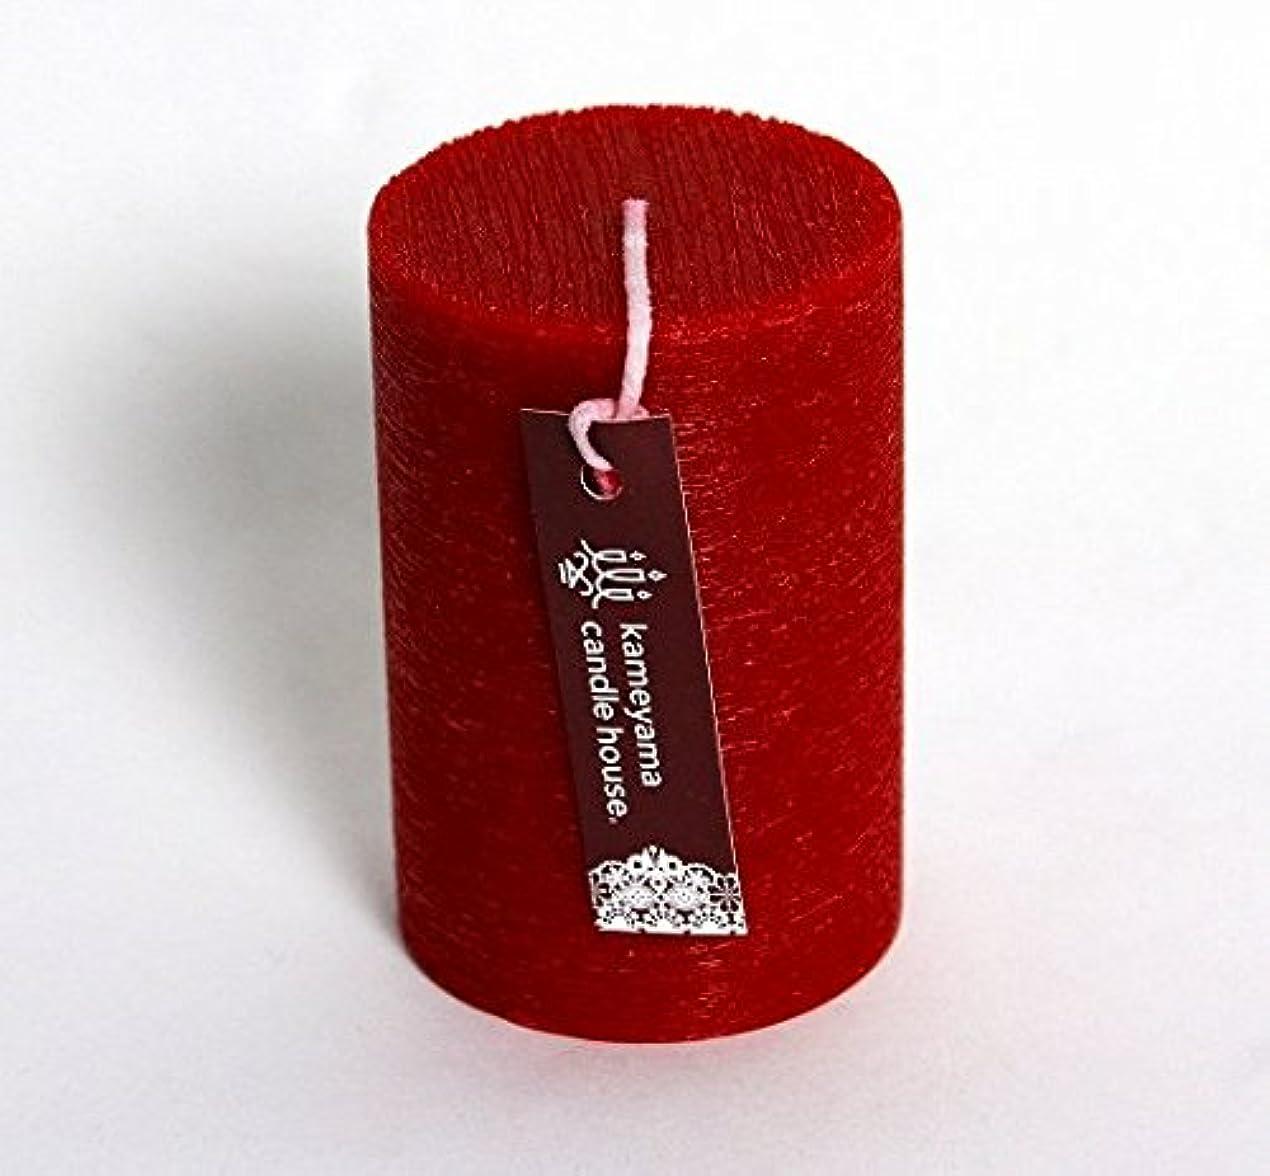 ワゴン微視的暫定のkameyama candle(カメヤマキャンドル) ブラッシュピラー2×3 「 レッド 」(A8310000R)